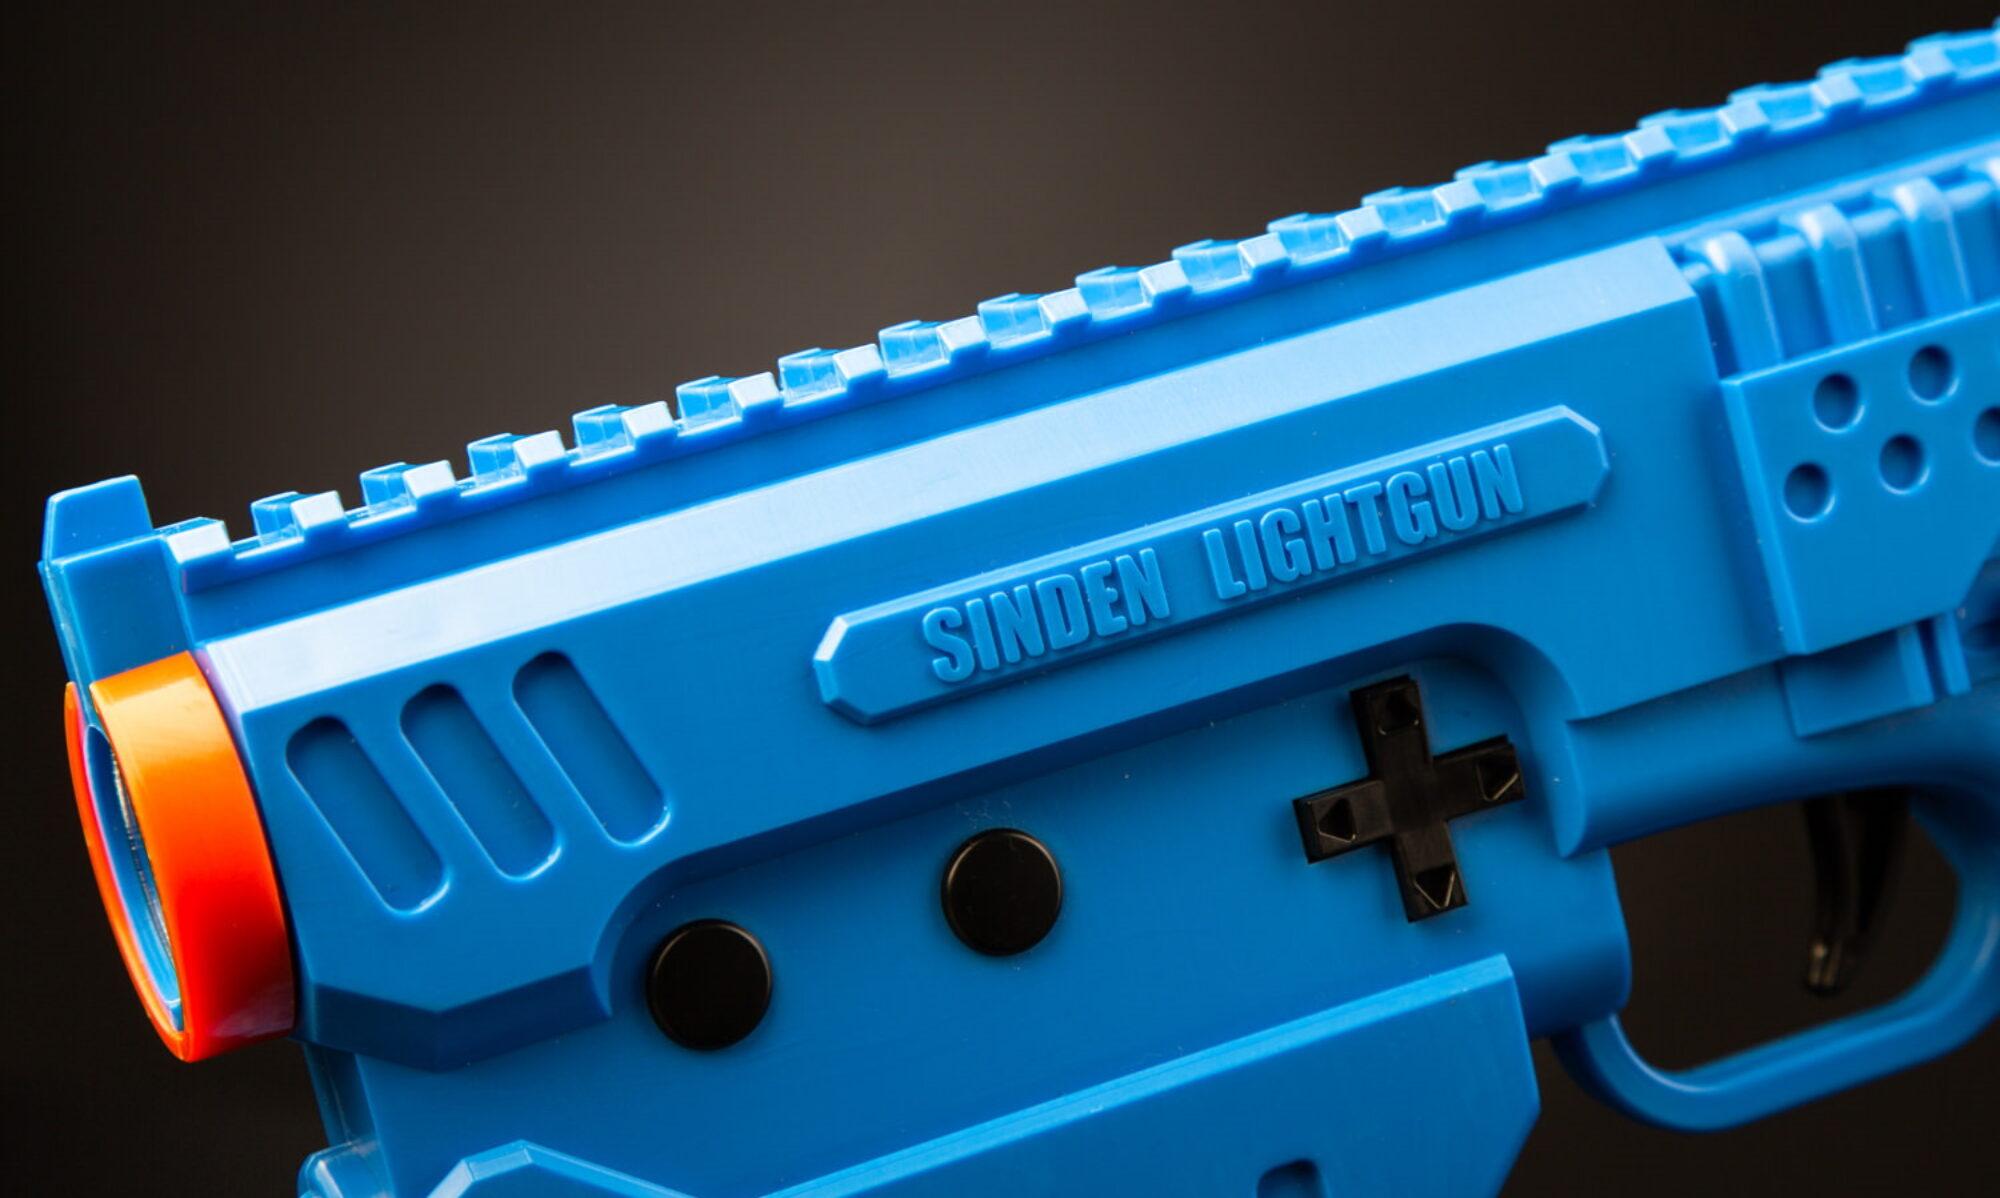 Sinden Lightgun®